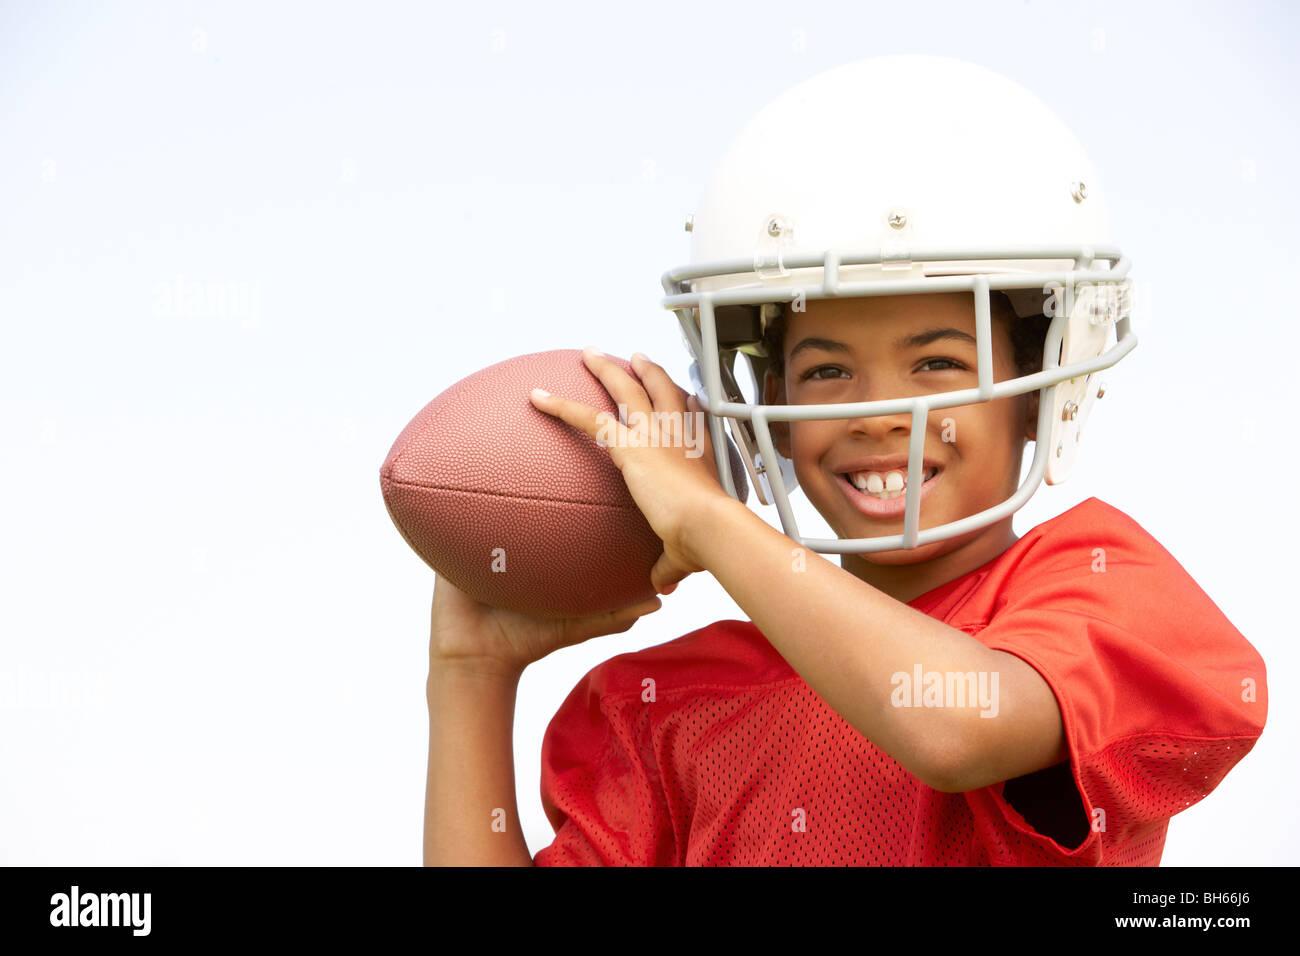 Giovane ragazzo giocando il football americano Immagini Stock